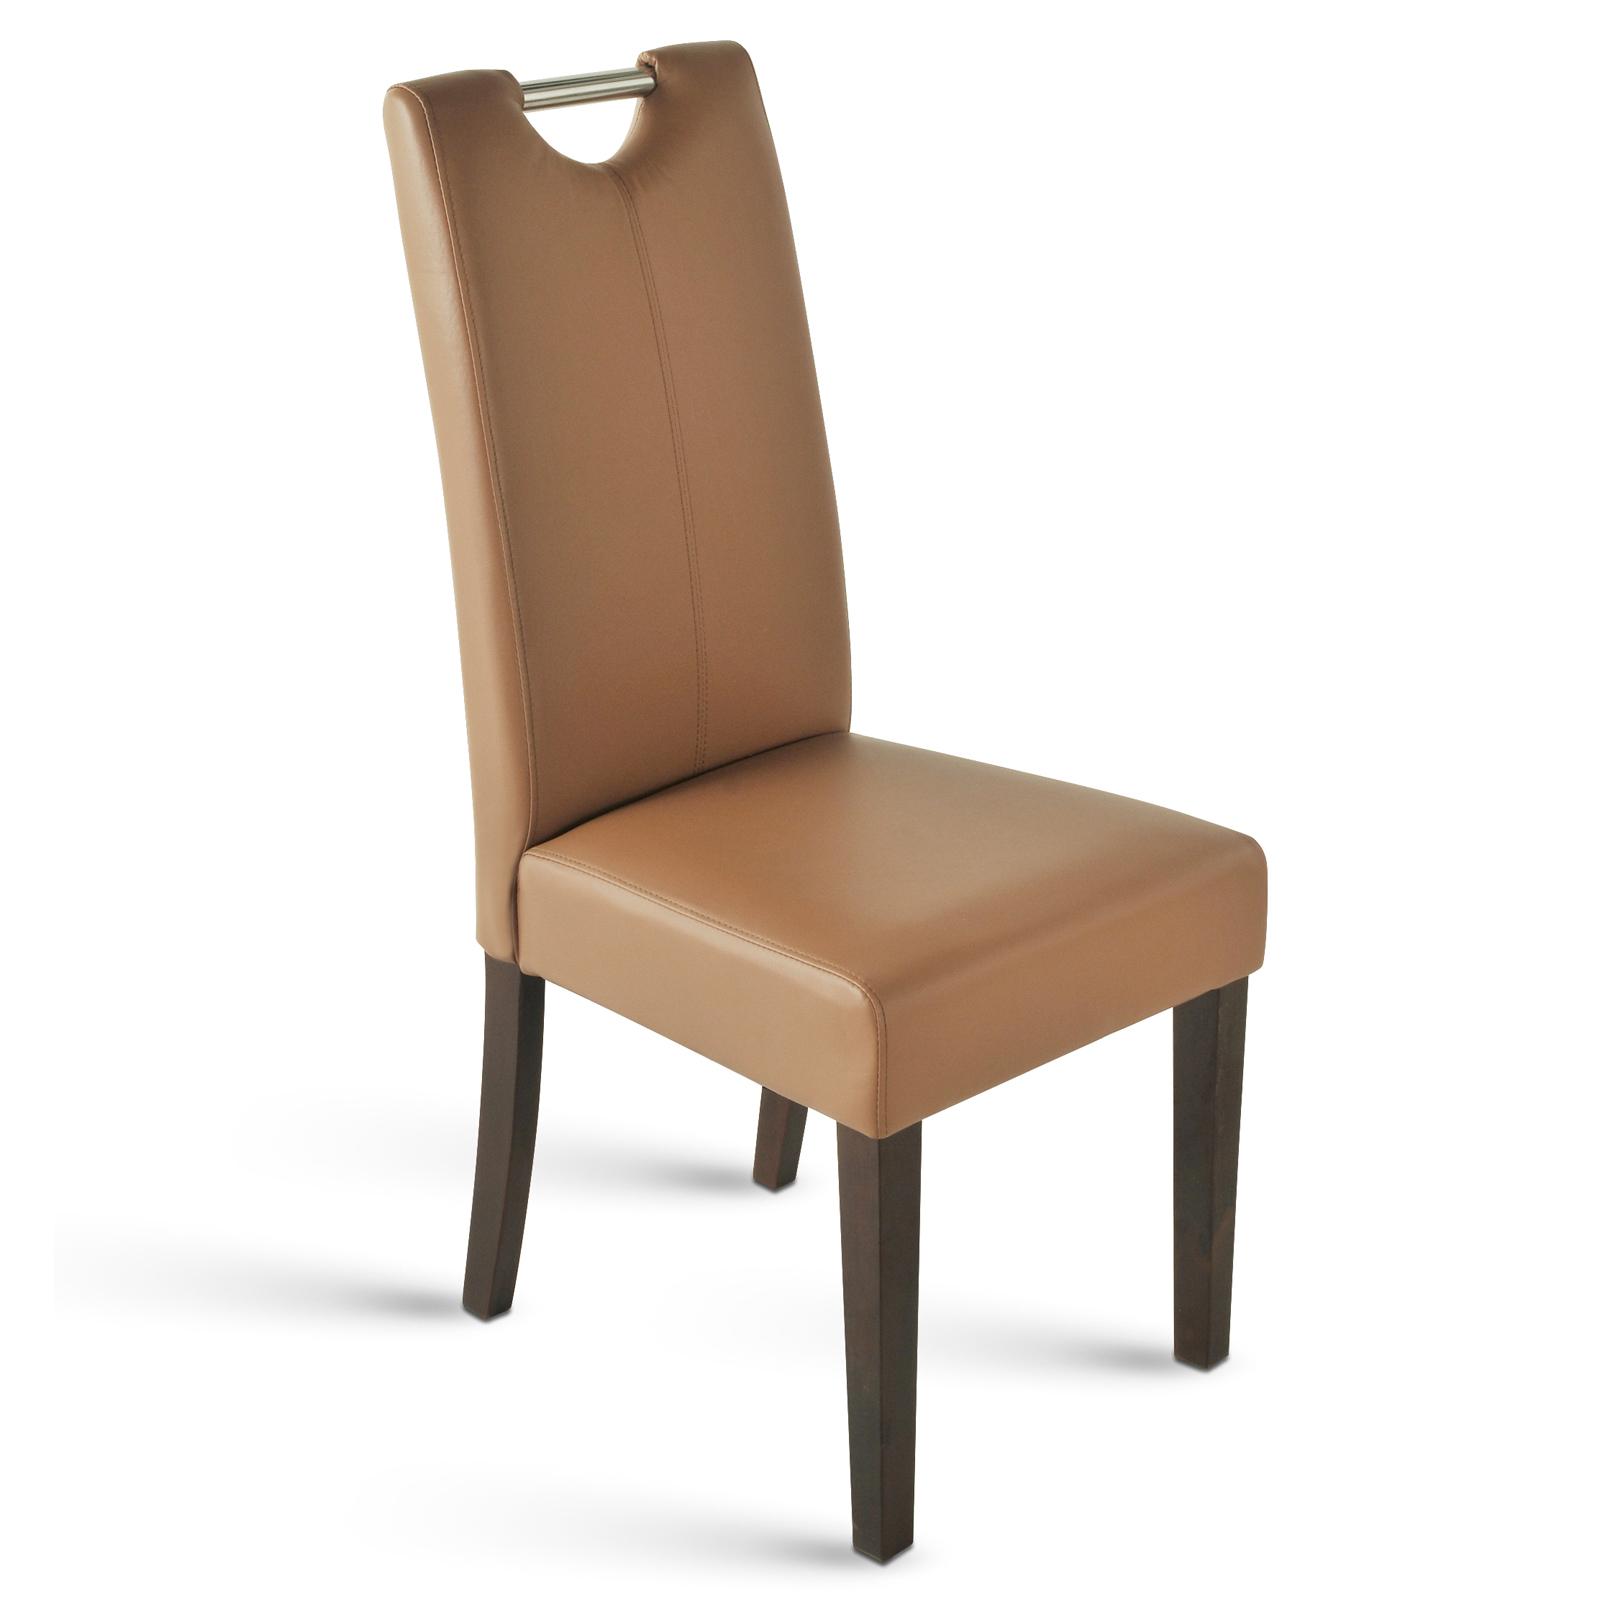 sam polsterstuhl ausstellungsst ck zum halben preis. Black Bedroom Furniture Sets. Home Design Ideas